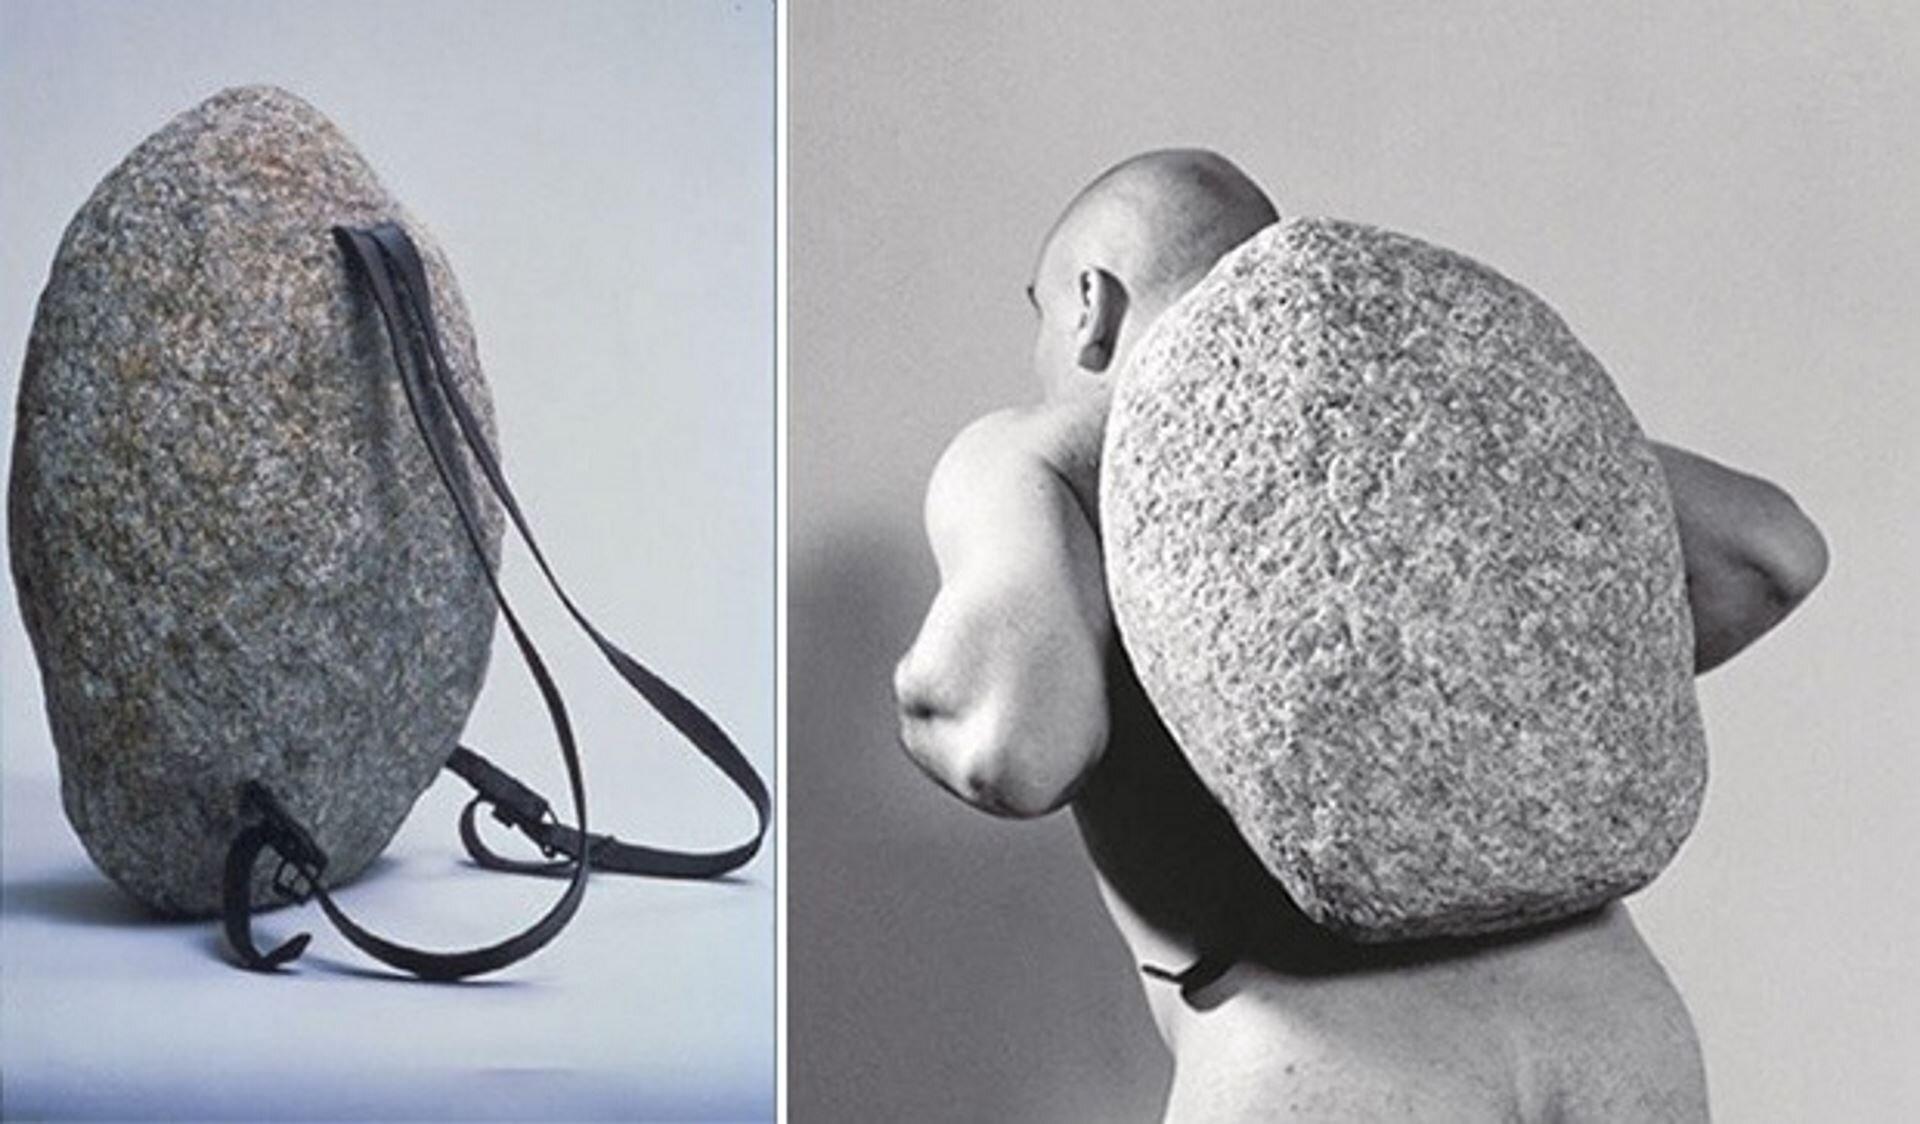 """Ilustracja przedstawia dzieło Jany Sterbak pt. """"Sztuka do noszenia: Sisyphus Sport"""". Ukazane są dwie czarnobiałych fotografie. Na pierwszej znajduje się duży nieobrobiony kamień, do którego zamocowano skórzane szelki. Na drugiej – nagi mężczyzna dźwiga na plecach kamień wformie plecaka. Ugina się pod jego ciężarem."""